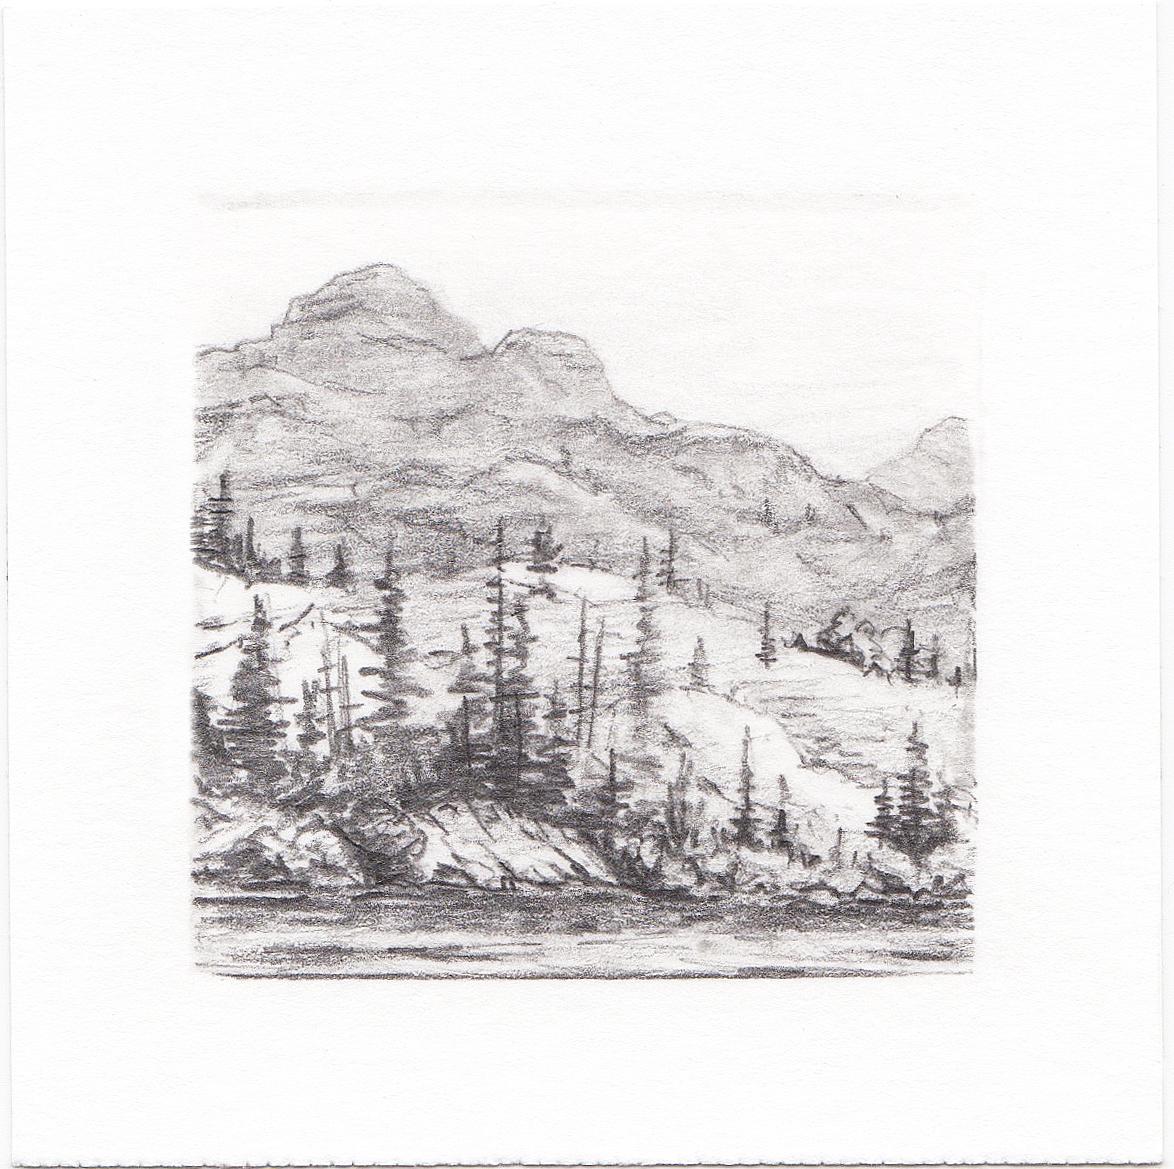 #56 Hayden Lake, Uinta Mountains, Utah | 3x3 | graphite